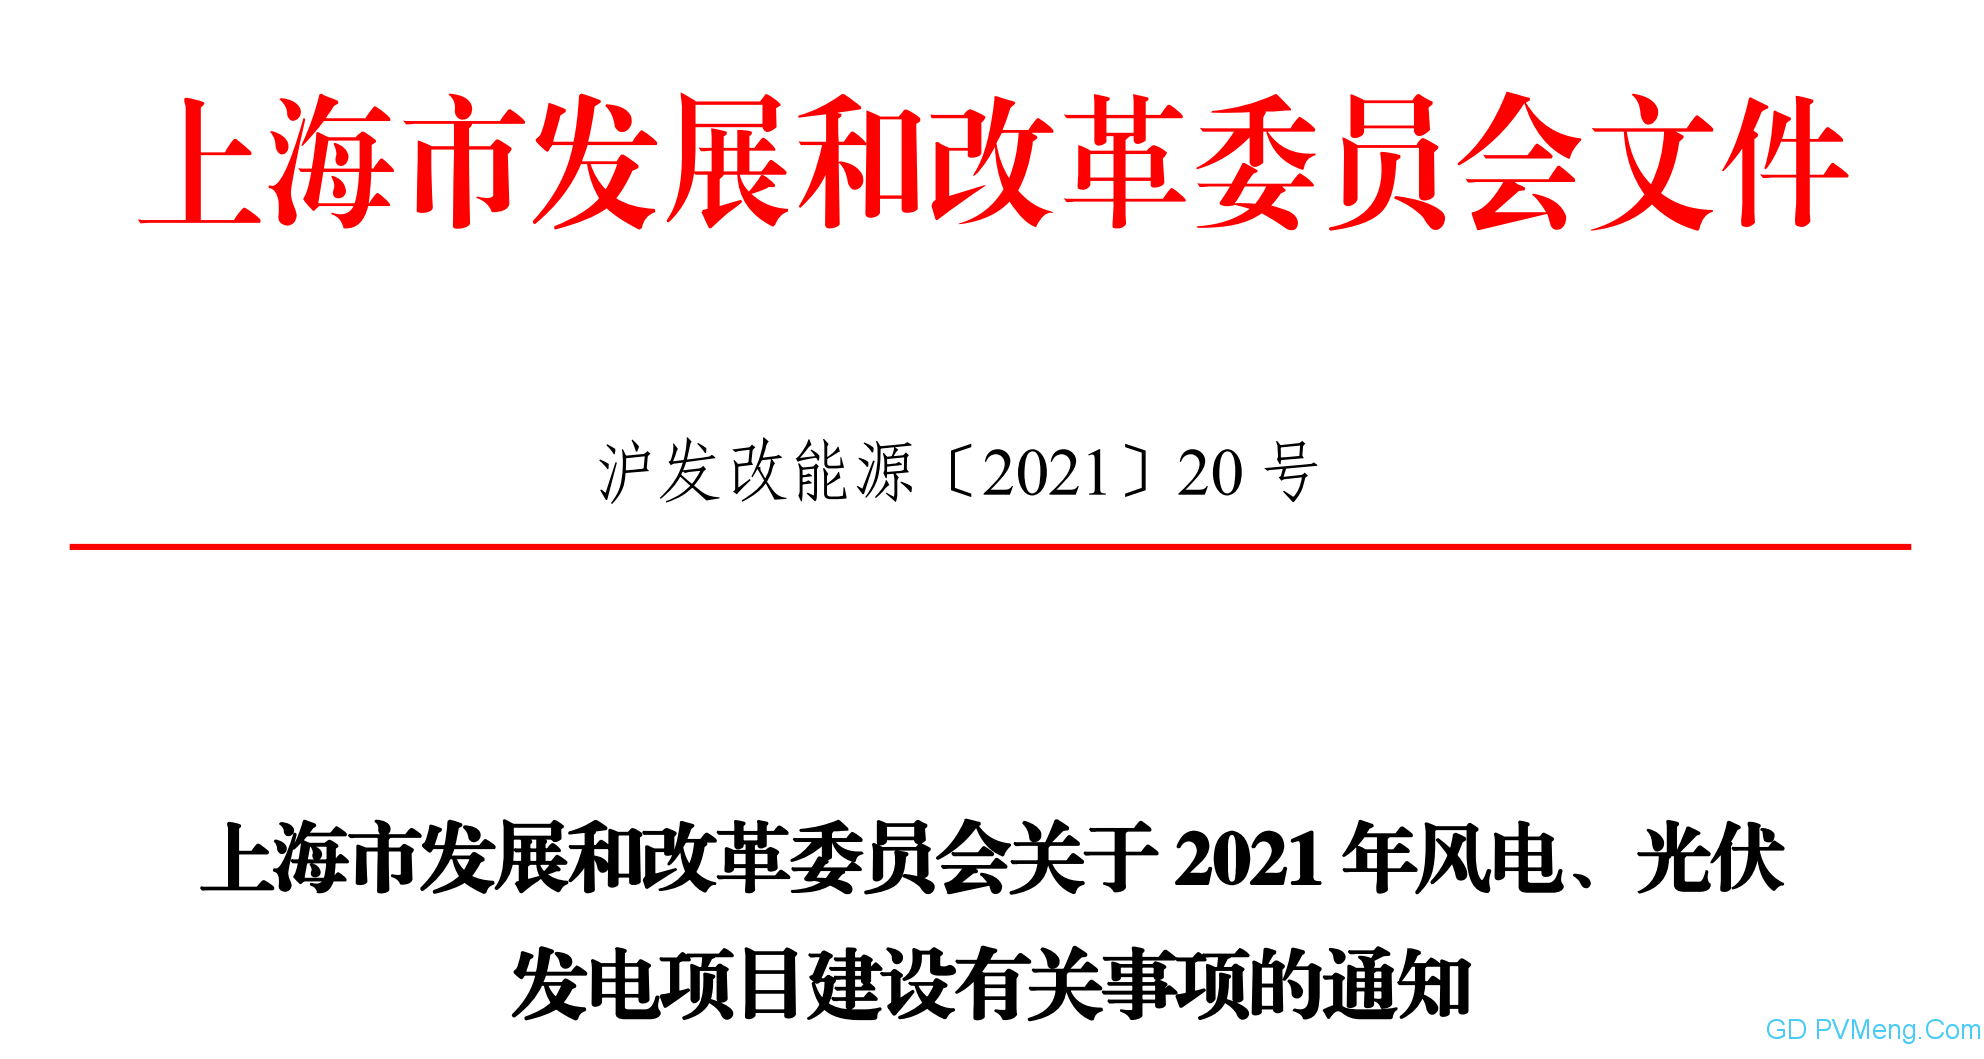 上海市发改委关于2021年风电、光伏发电项目建设有关事项的通知(沪发改能源〔2021〕20号 ) 20210118